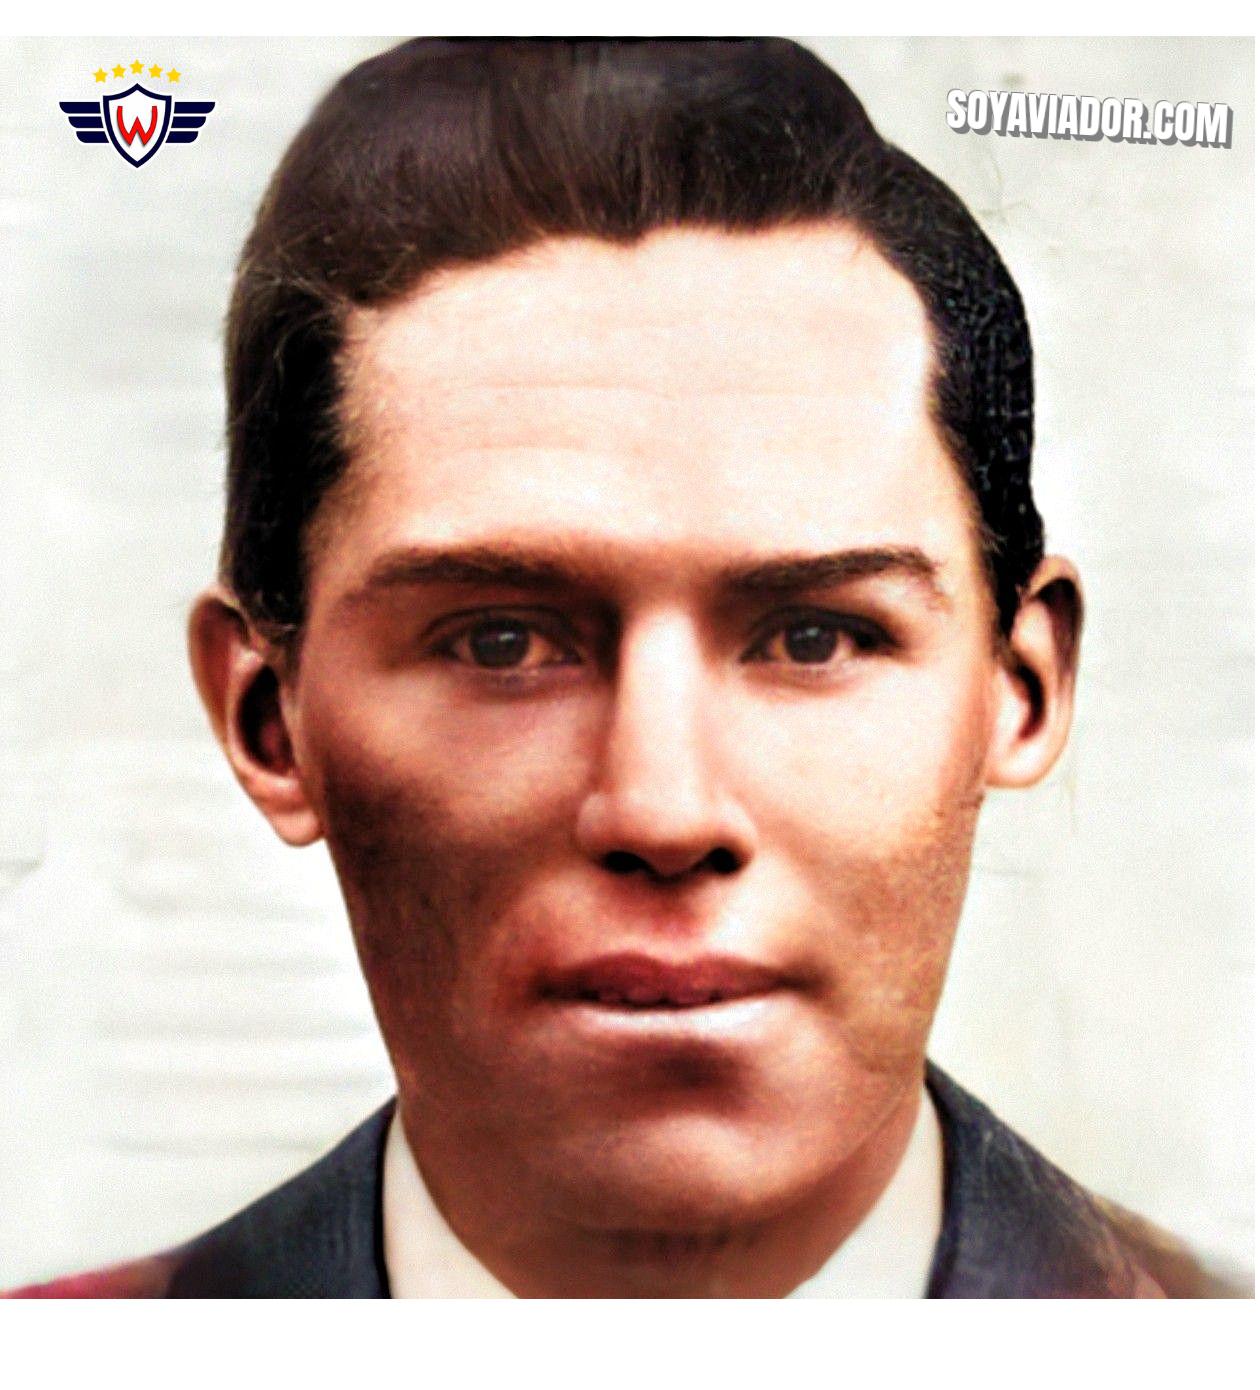 Jorge Wilstermann Camacho - primer piloto comercial de Bolivia